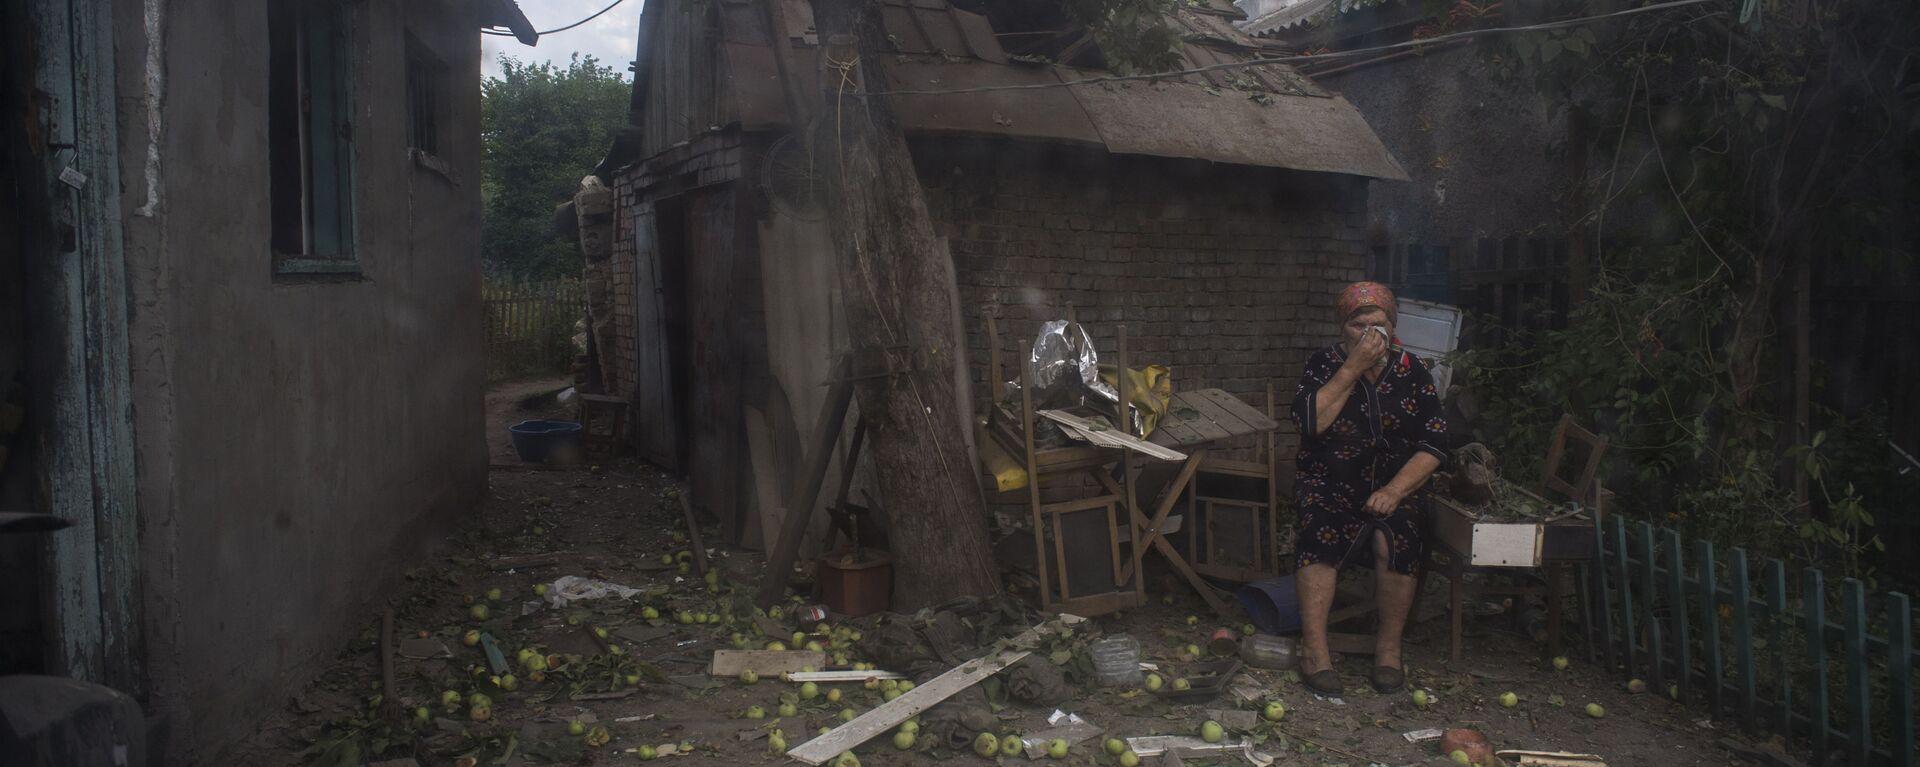 Mieszkanka Ługanska przed domem zniszczonym przez ostrzał artyleryjski miasta dokonany przez wojska ukraińskie - Sputnik Polska, 1920, 02.04.2021